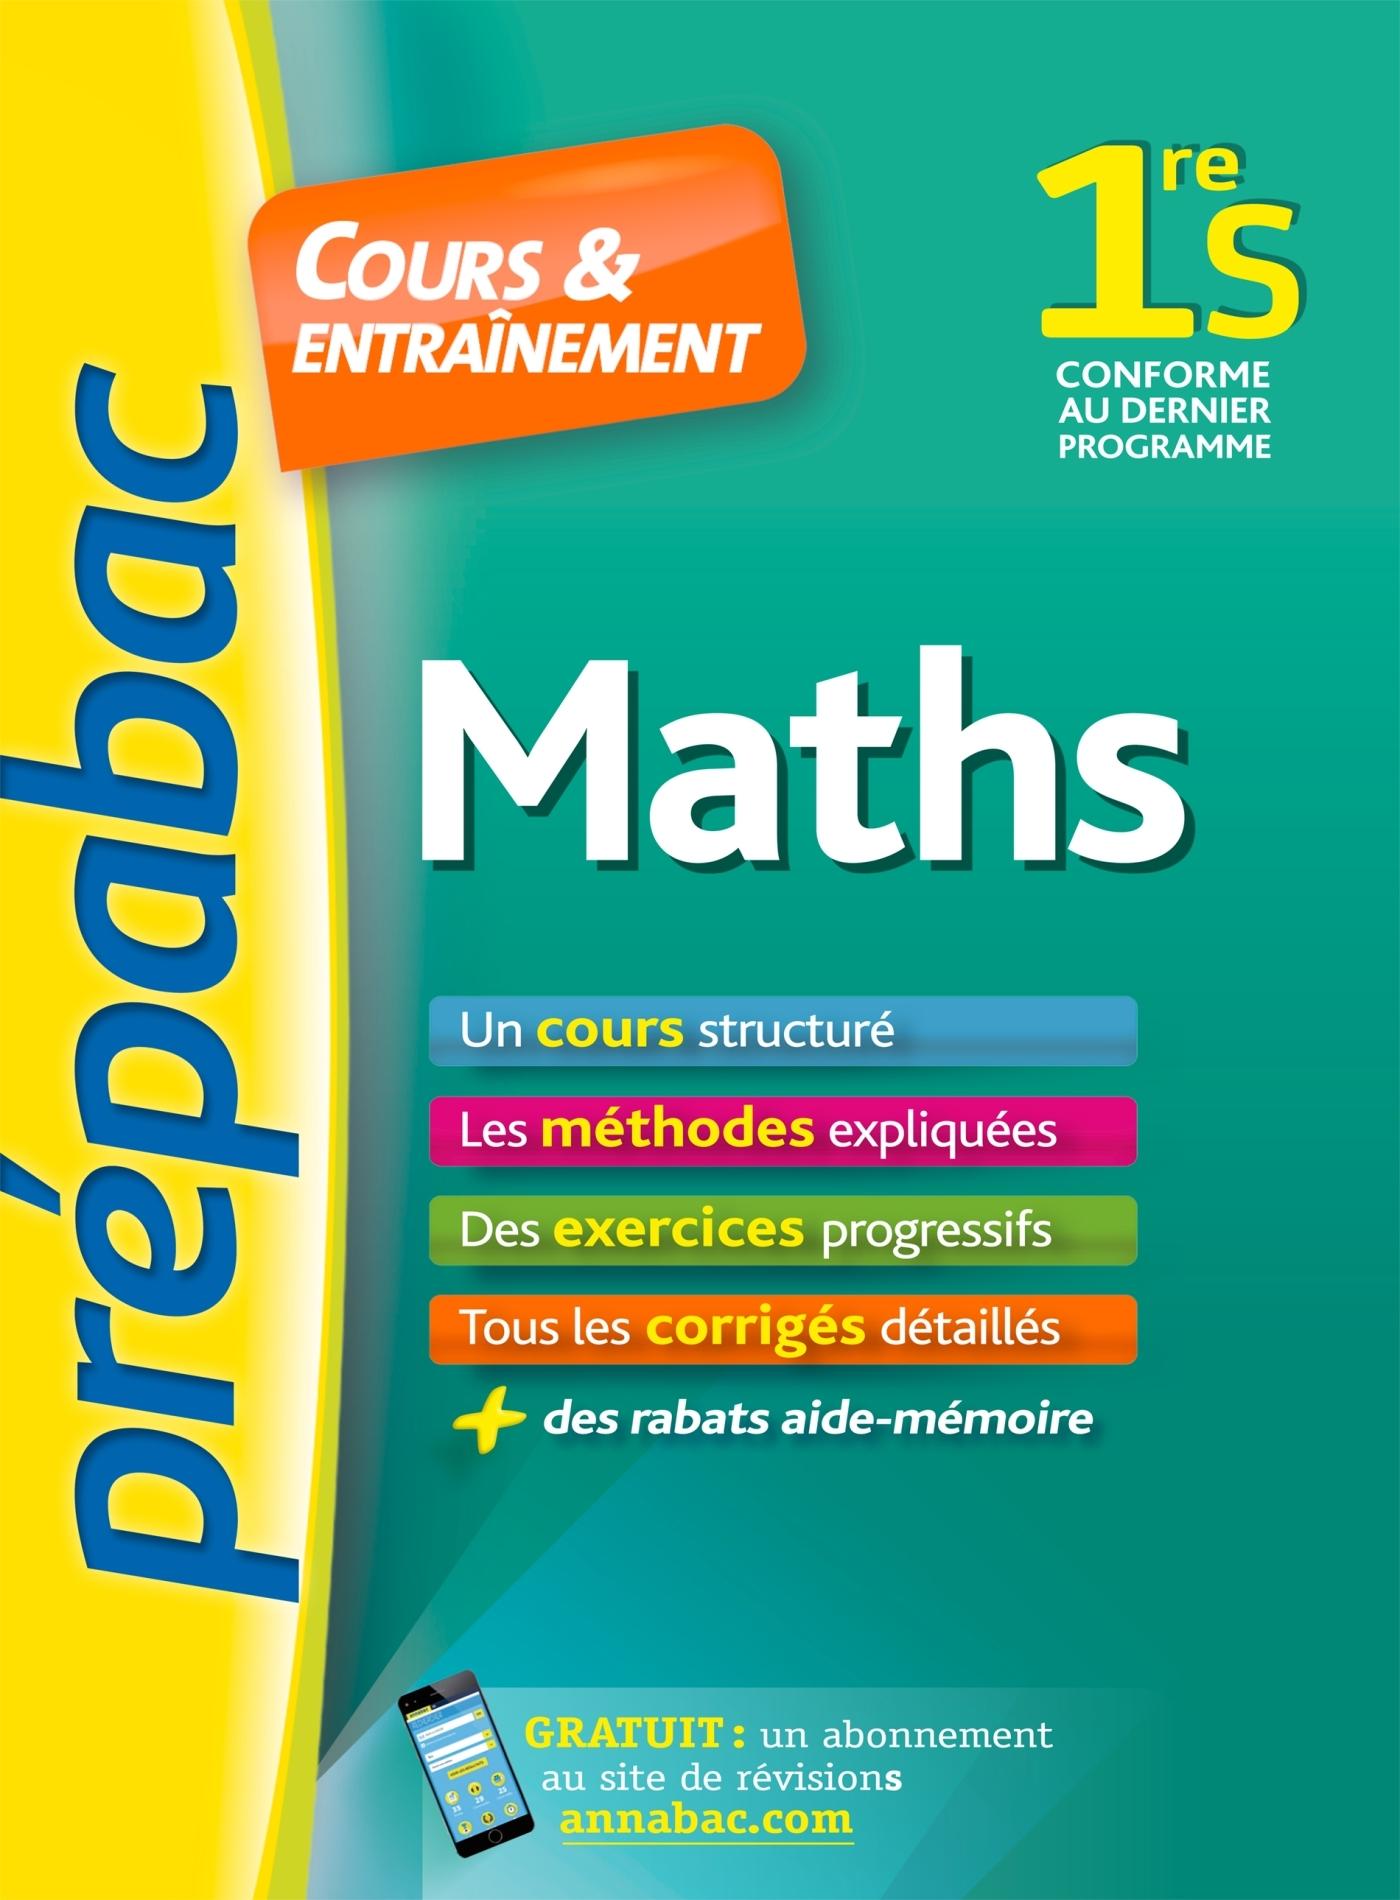 MATHS 1RE S - PREPABAC COURS & ENTRAINEMENT - COURS, METHODES ET EXERCICES PROGRESSIFS (PREMIERE S)